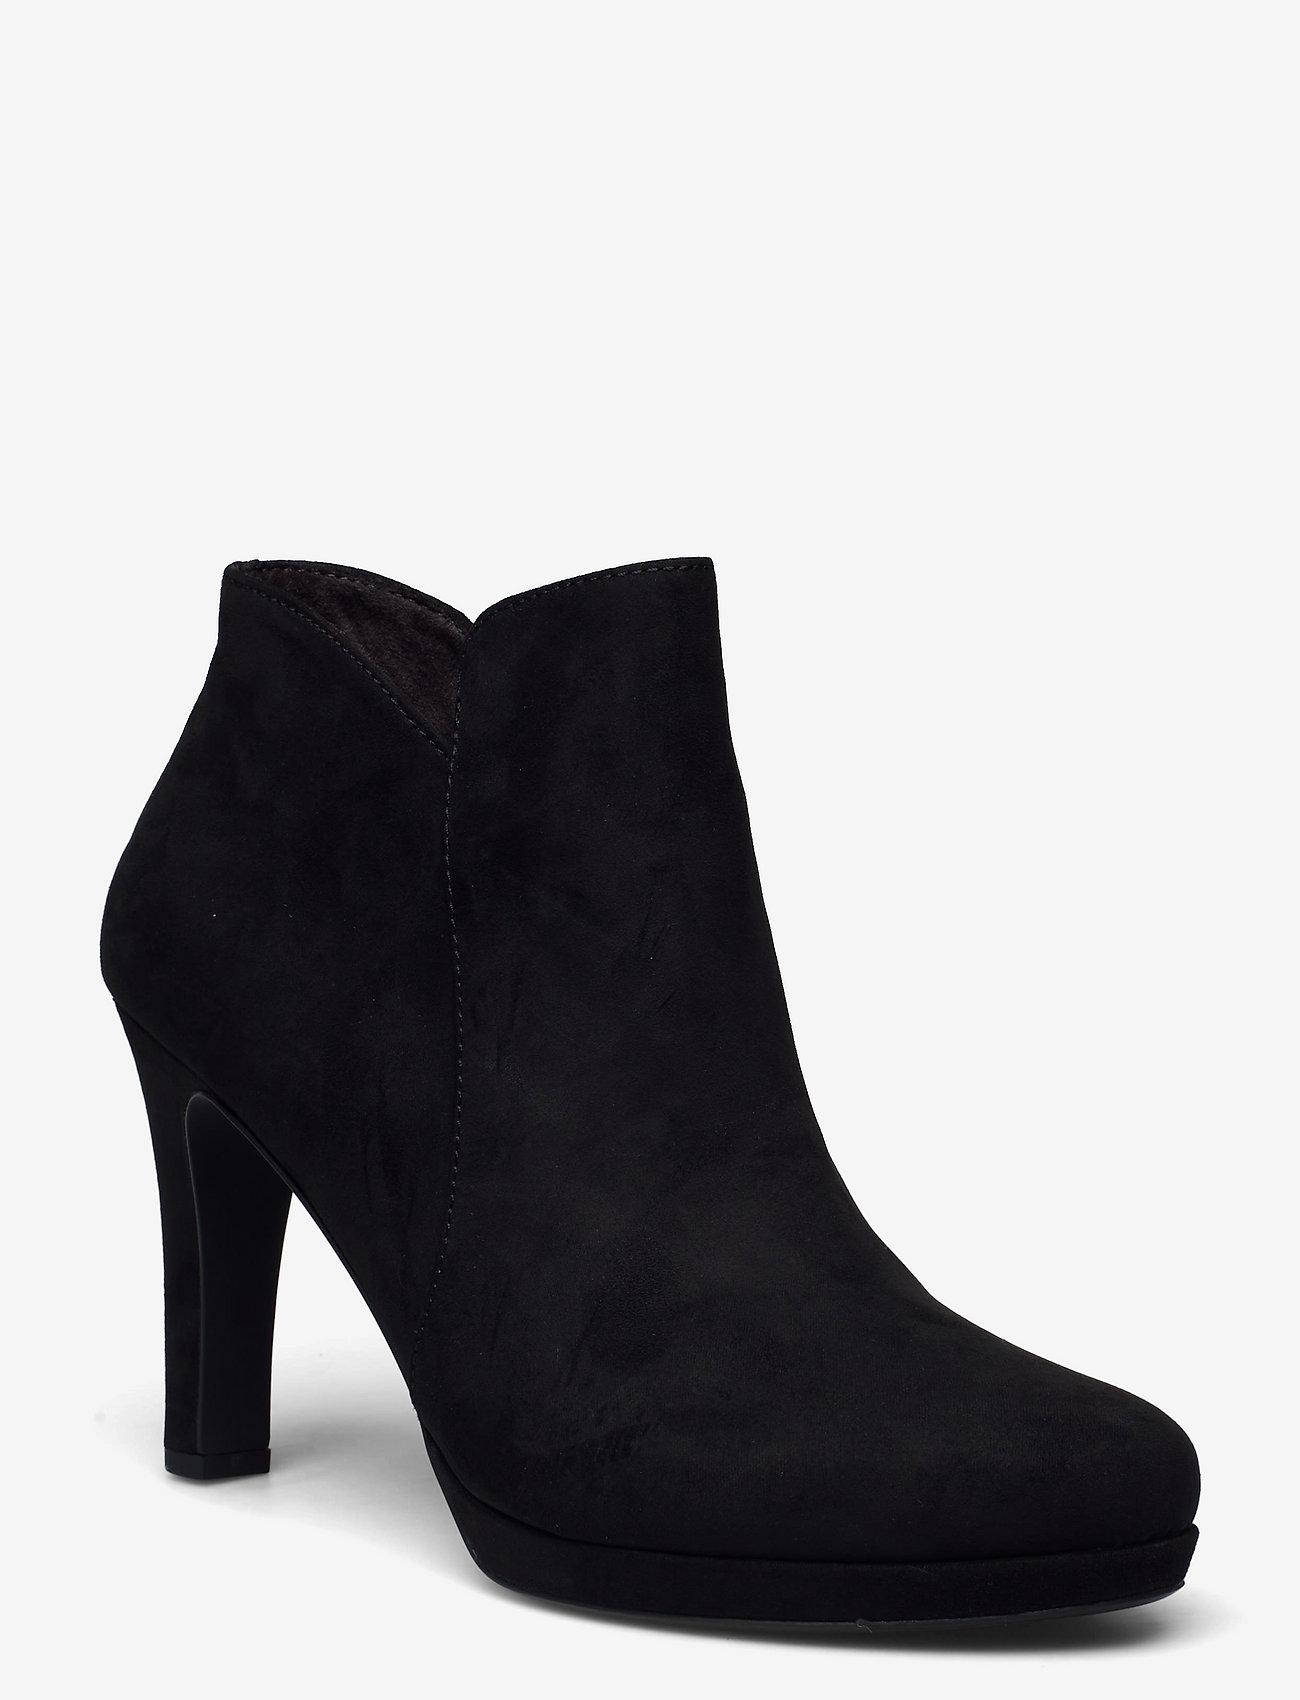 Tamaris - Woms Boots - augstpapēžu puszābaki - black - 0